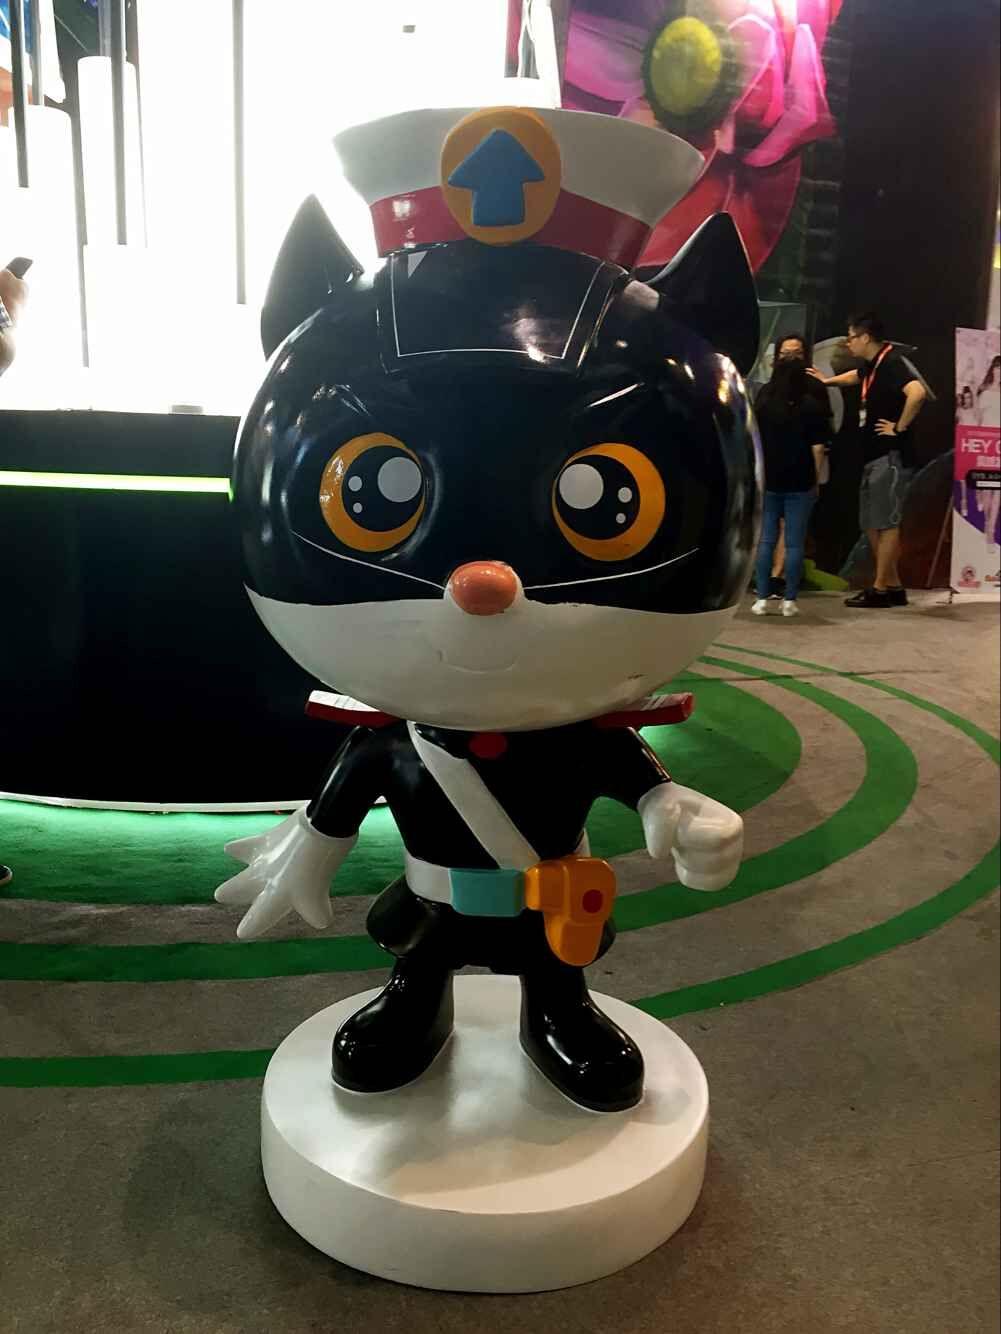 aJoy2015上巨人展台的精品游戏_网游综合区动